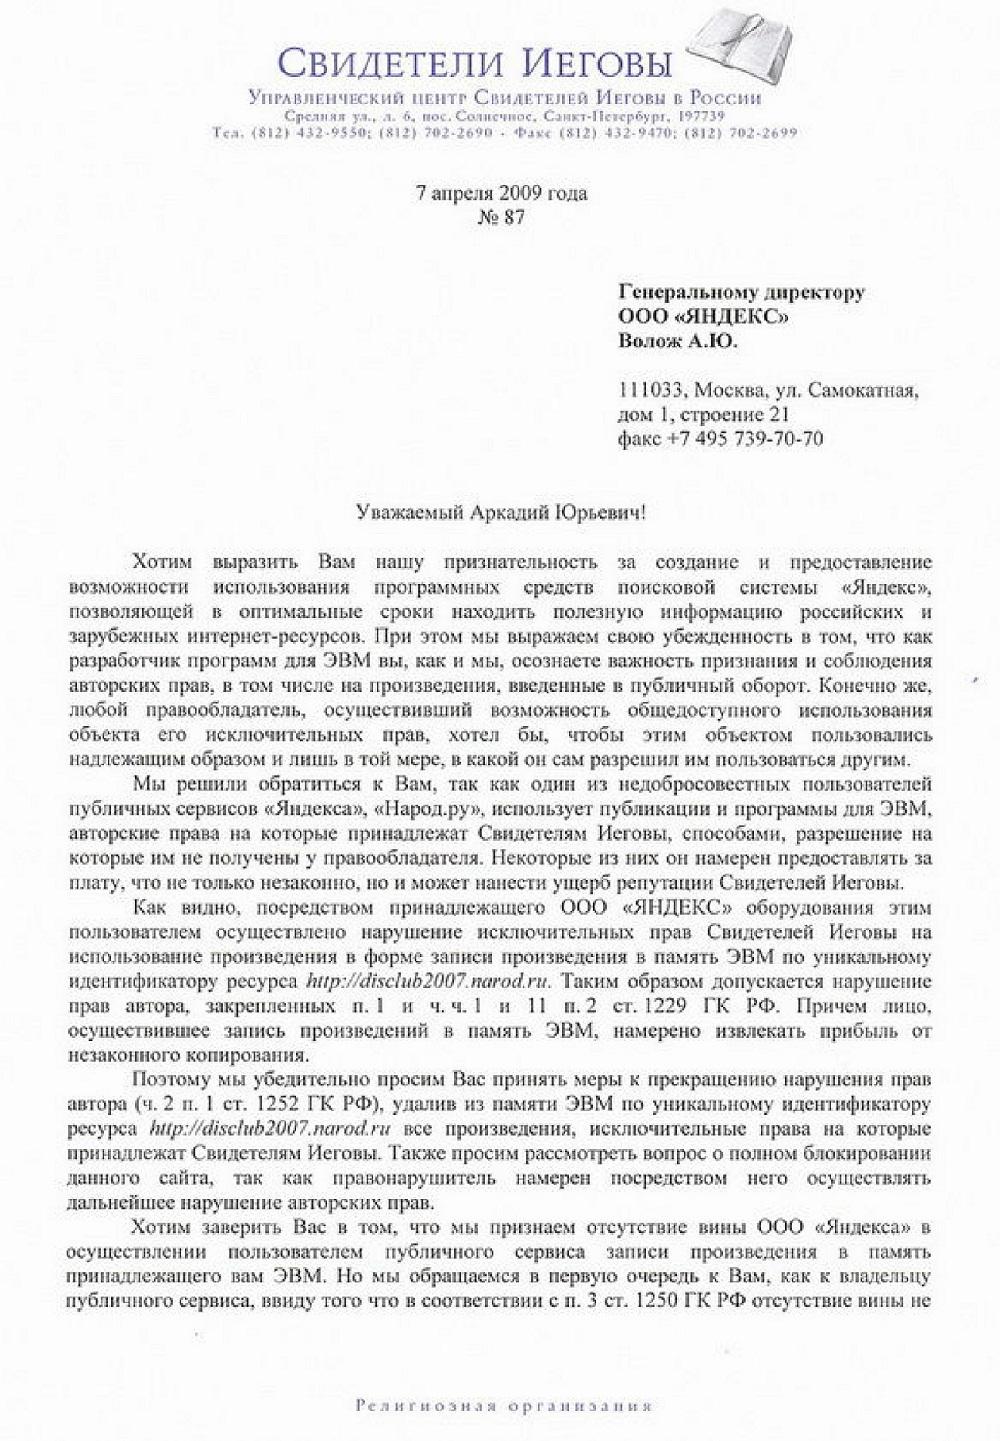 2009-04-07-N87-Письмо_генеральному_директору_ООО_Яндекс_1 стр_2